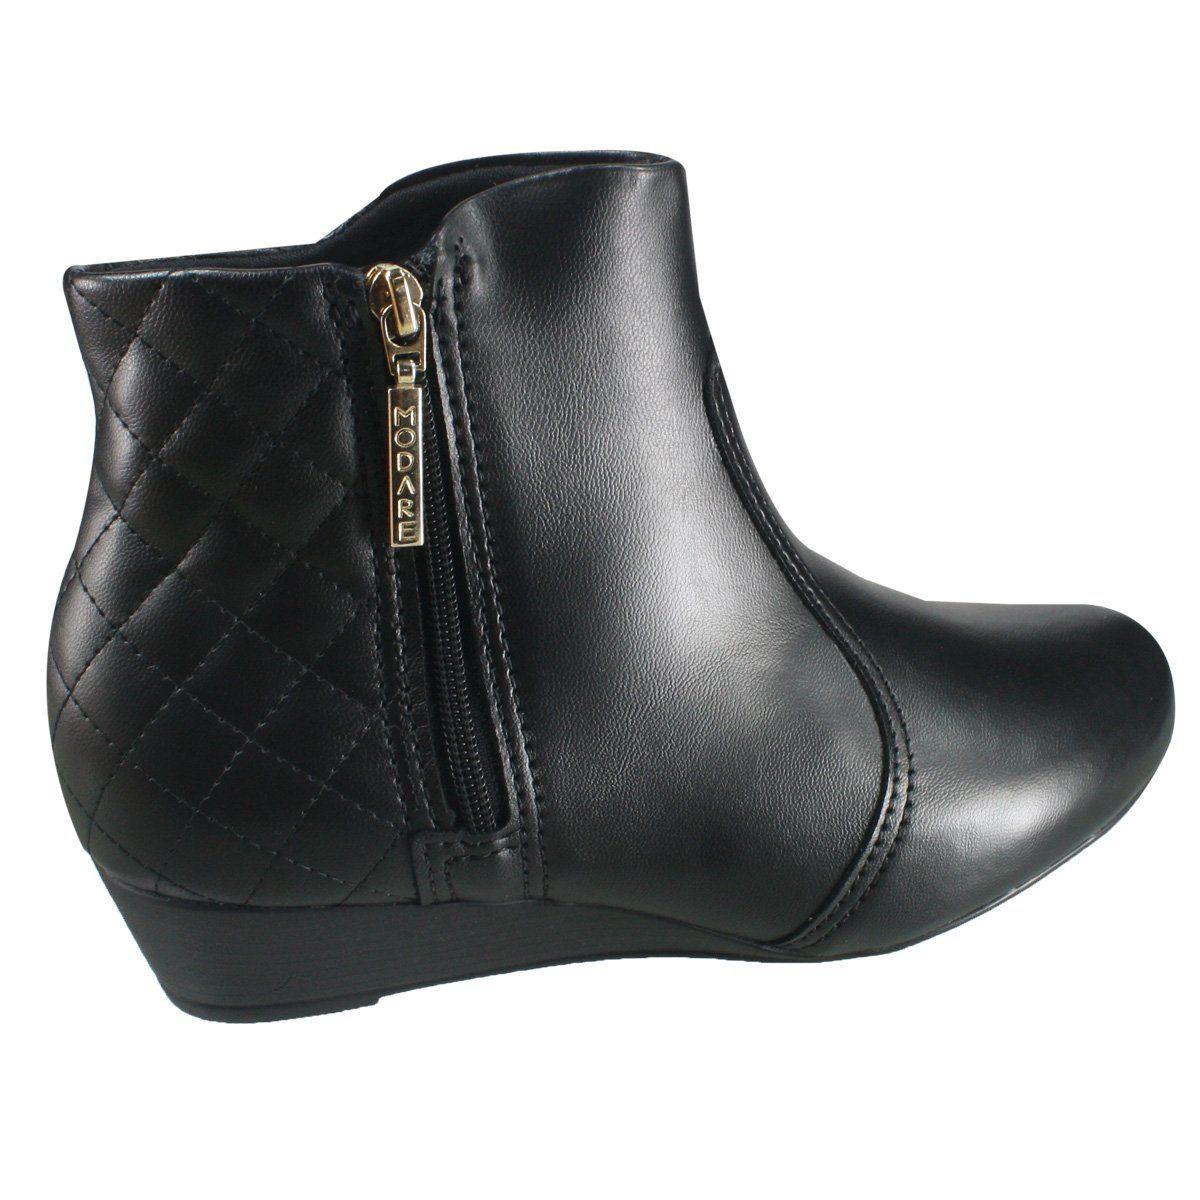 40115aab5f Bota Feminina Modare Ultra Conforto Anabela 7048.210 5536 15745 - Preto  (Napa Sense Flex) - Calçados Online Sandálias